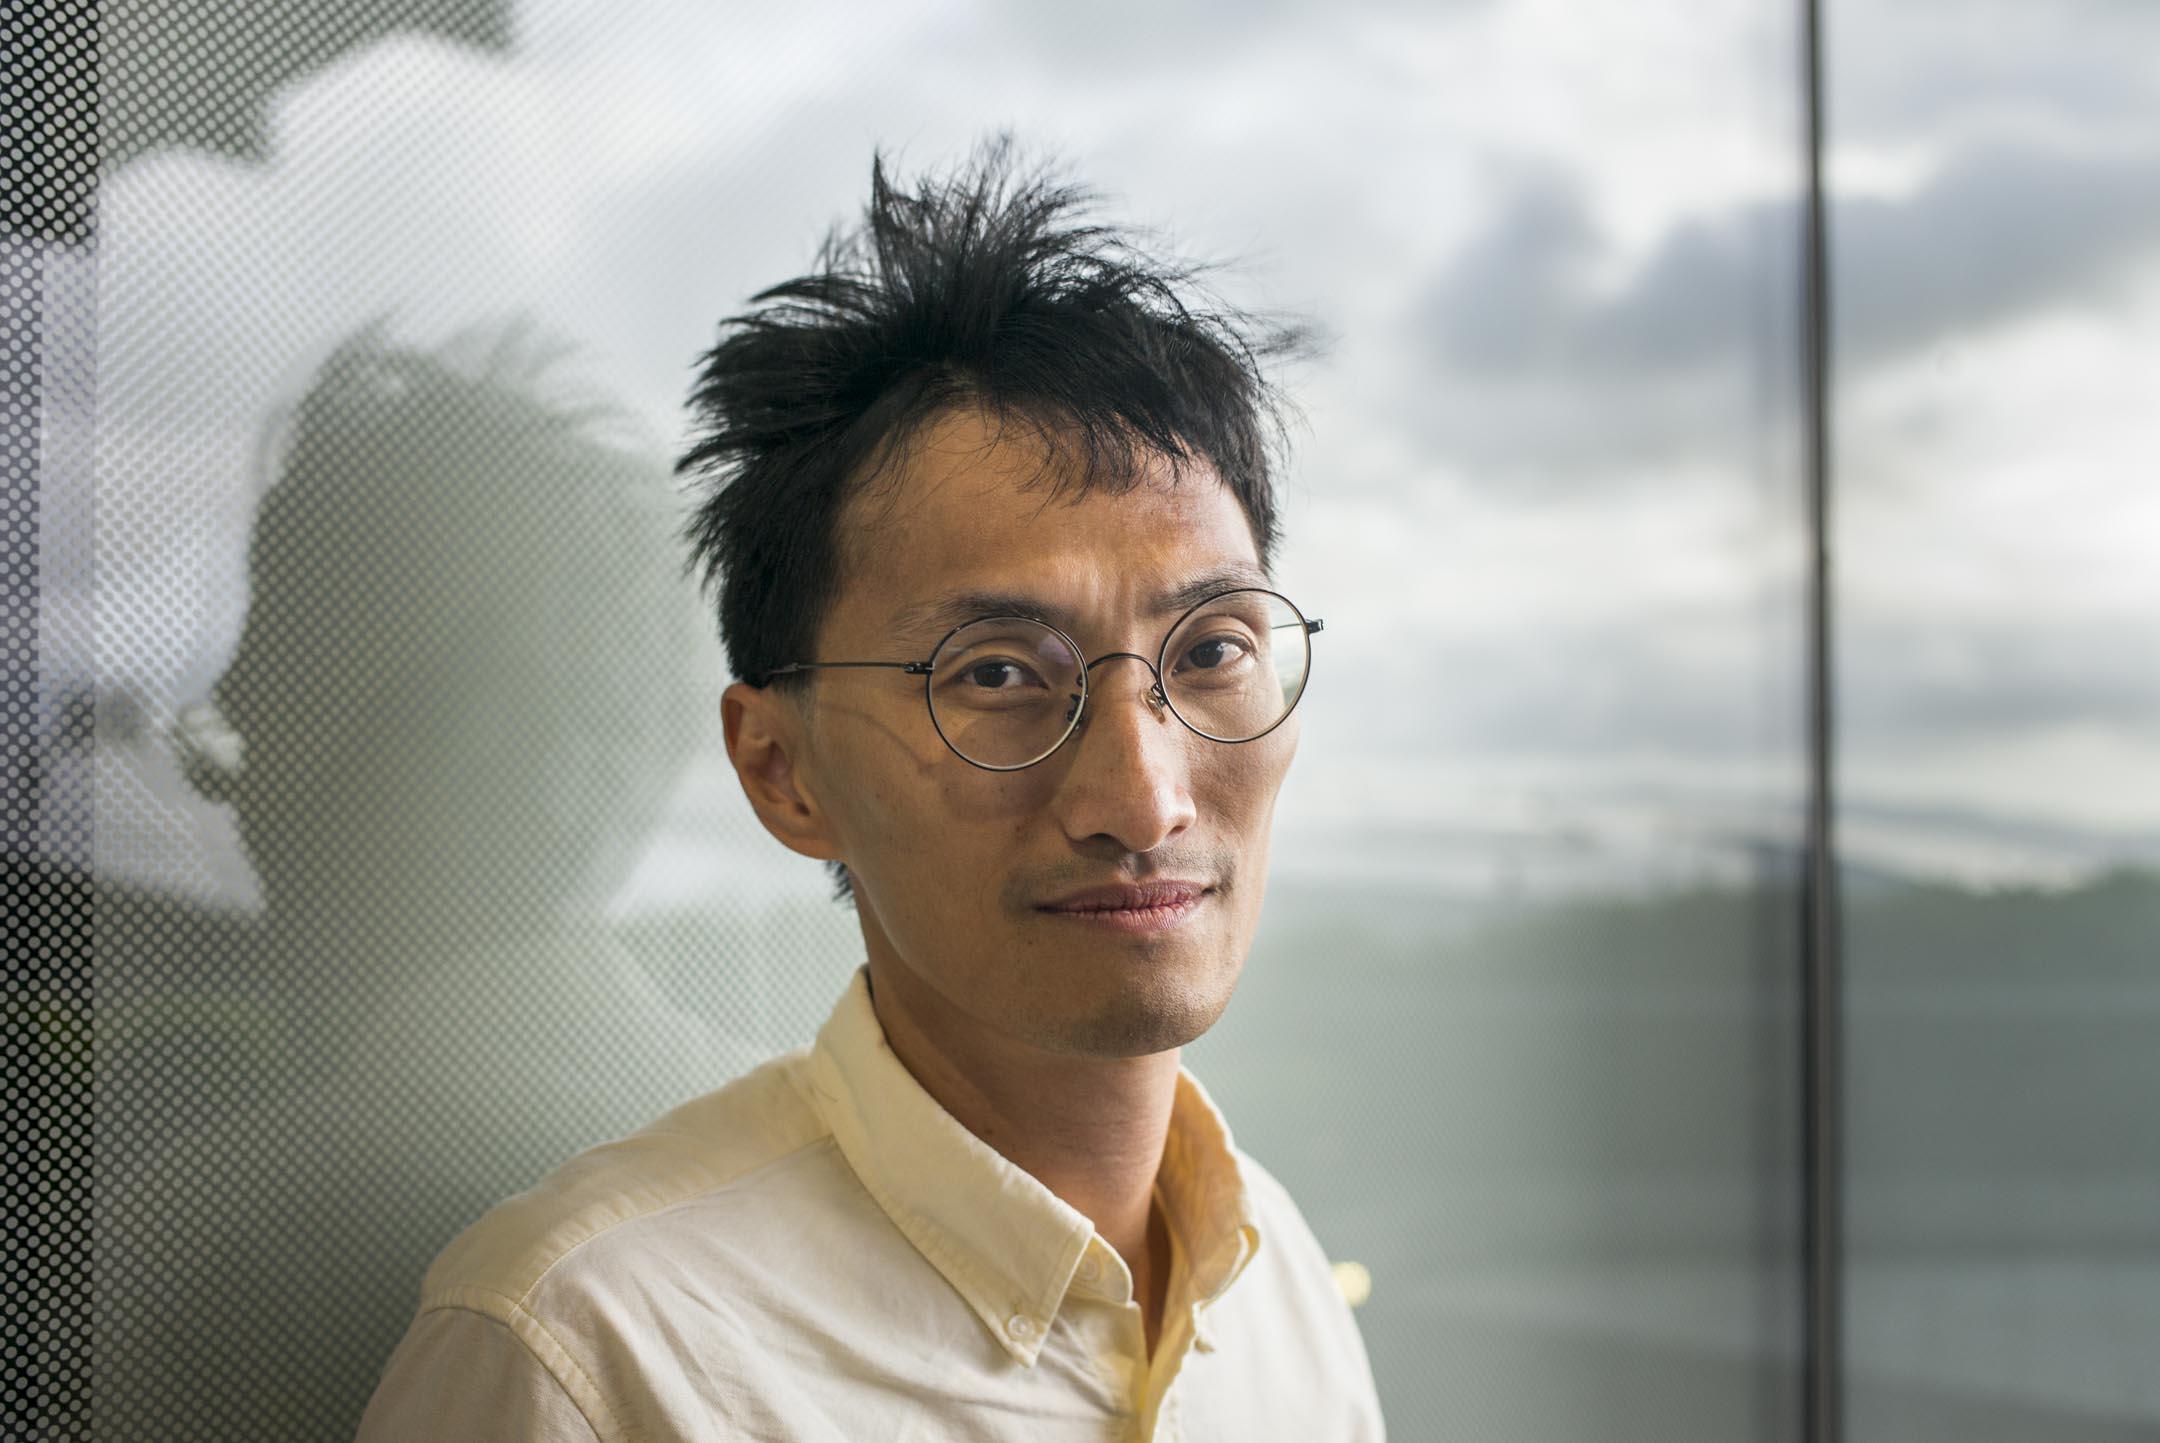 香港立法會議員朱凱廸,2019年8月初在立法會接受端傳媒訪問。 攝:林振東/端傳媒